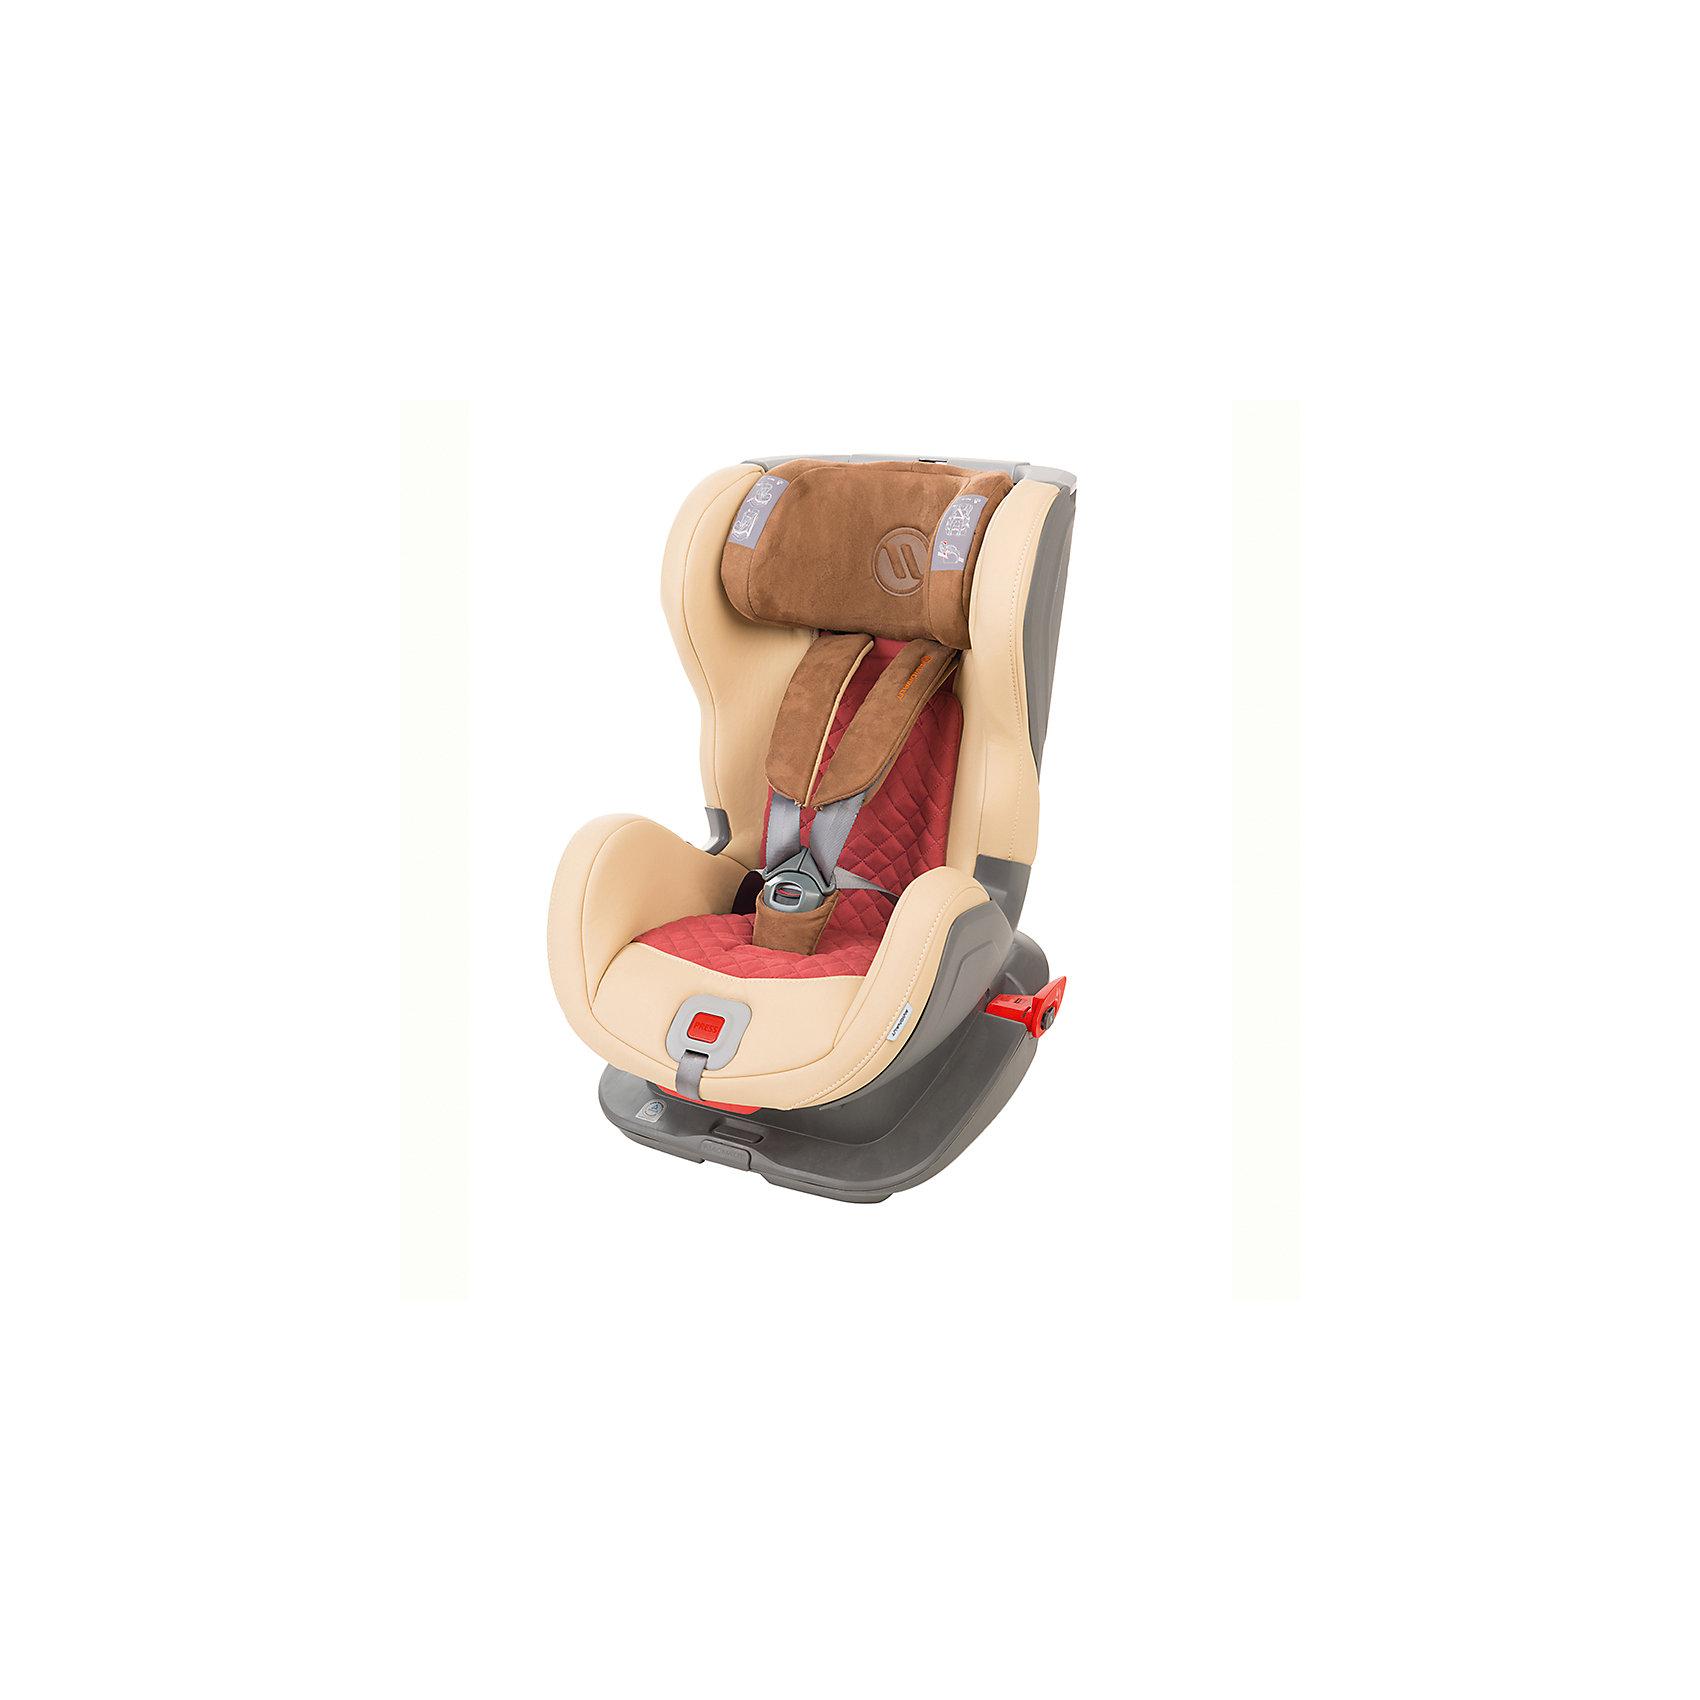 Автокресло Avionaut GLIDER ROYAL, 9-25кг, бежевый/т.красный/коричневыйГруппа 1-2 (От 9 до 25 кг)<br>Характеристики товара:<br><br>• группа автокресла: 1-2;<br>• возраст: от 9 месяцев до 7 лет;<br>• вес ребенка: 9-25 кг;<br>• материал: пластик, полиэстер, экокожа;<br>• 5-ти точечные ремни безопасности;<br>• регулировка высоты подголовника;<br>• регулировка наклона спинки;<br>• установка автокресла: по ходу движения;<br>• способ крепления: штатным ремнем автомобиля;<br>• размер автокресла: 66х44х53 см;<br>• вес автокресла: 8,2 кг;<br>• размер упаковки: 47х69х69 см;<br>• вес упаковки: 9,5 кг;<br>• страна производитель: Польша.<br><br>Автокресло Avionaut Glider Royal красное/бежевое обеспечивает надежную защиту малыша при перевозке в автомобиле. Кресло выполнено в элегантном дизайне со вставками из экокожи. Оно устанавливается на пассажирском сидении при помощи штатных ремней безопасности. Каркас выполнен из ударопрочного пластика.<br><br>Усиленные боковины с наполнителем поглощают основной удар при столкновении, защищая ребенка от травм. Подголовник выполнен из особого материала: вспененного полипропилена, который защищает хрупкую шею и голову ребенка. Подголовник можно отрегулировать по высоте по мере роста малыша.<br><br>Комфортную поездку обеспечивают мягкий съемный вкладыш и регулируемая спинка. Съемный чехол выполнен из мягкого воздухопроницаемого материала. На спинке имеется кармашек для хранения мелочей или инструкции по эксплуатации.<br><br>Автокресло Avionaut Glider Royal красное/бежевое можно приобрести в нашем интернет-магазине.<br><br>Ширина мм: 470<br>Глубина мм: 690<br>Высота мм: 690<br>Вес г: 8200<br>Возраст от месяцев: -2147483648<br>Возраст до месяцев: 2147483647<br>Пол: Унисекс<br>Возраст: Детский<br>SKU: 5500158